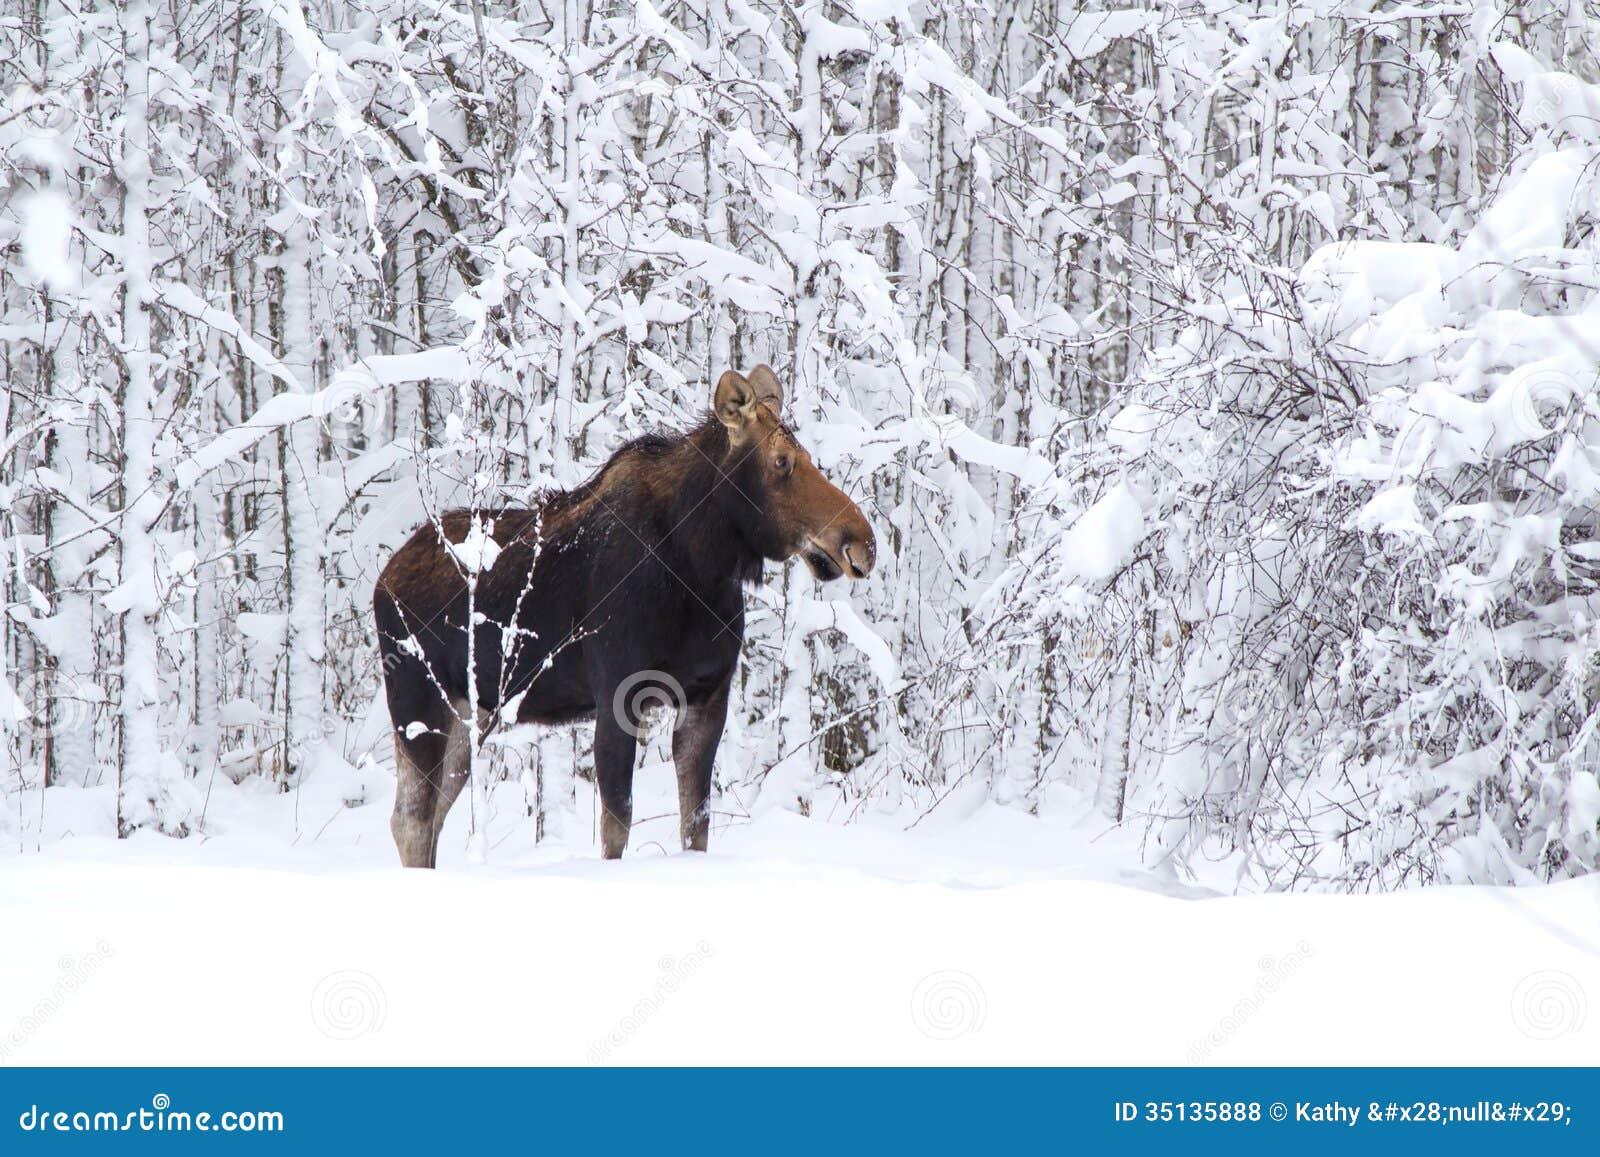 Een Amerikaanse eland in het bos